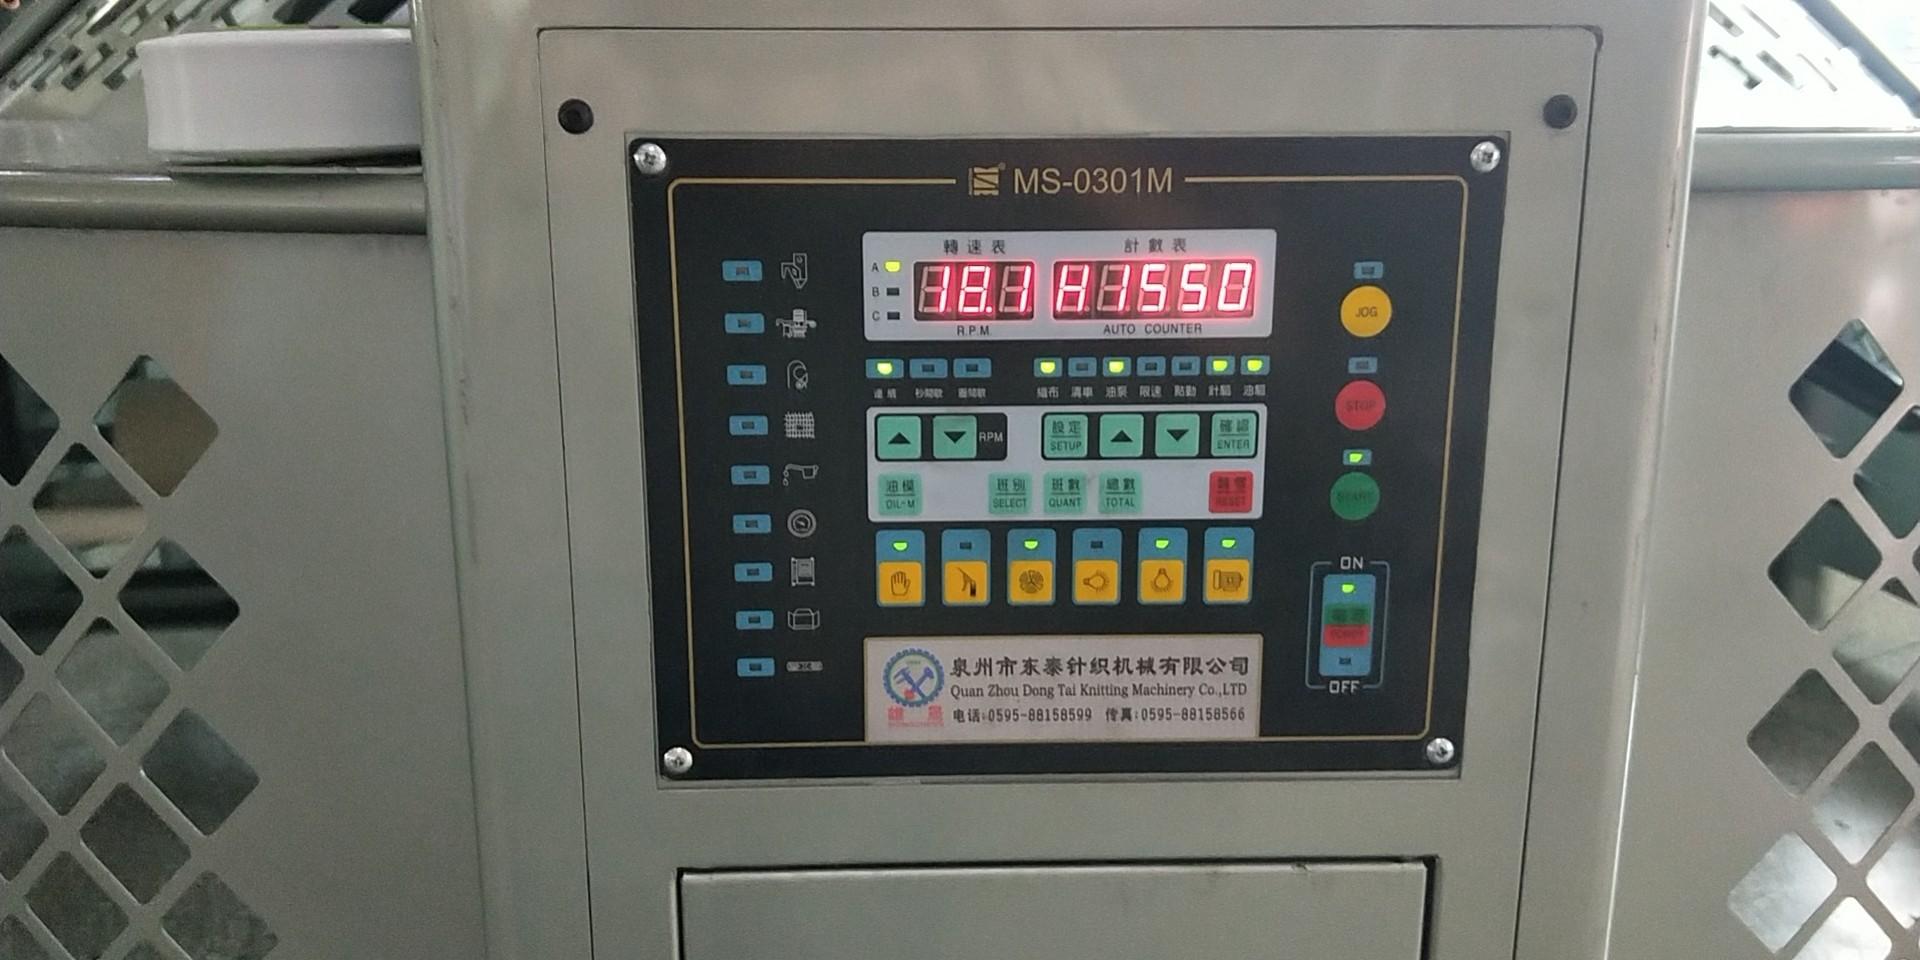 Yüksek Hızlı Çift Açık En Yuvarlak Örgü Makinesi satın al,Yüksek Hızlı Çift Açık En Yuvarlak Örgü Makinesi Fiyatlar,Yüksek Hızlı Çift Açık En Yuvarlak Örgü Makinesi Markalar,Yüksek Hızlı Çift Açık En Yuvarlak Örgü Makinesi Üretici,Yüksek Hızlı Çift Açık En Yuvarlak Örgü Makinesi Alıntılar,Yüksek Hızlı Çift Açık En Yuvarlak Örgü Makinesi Şirket,